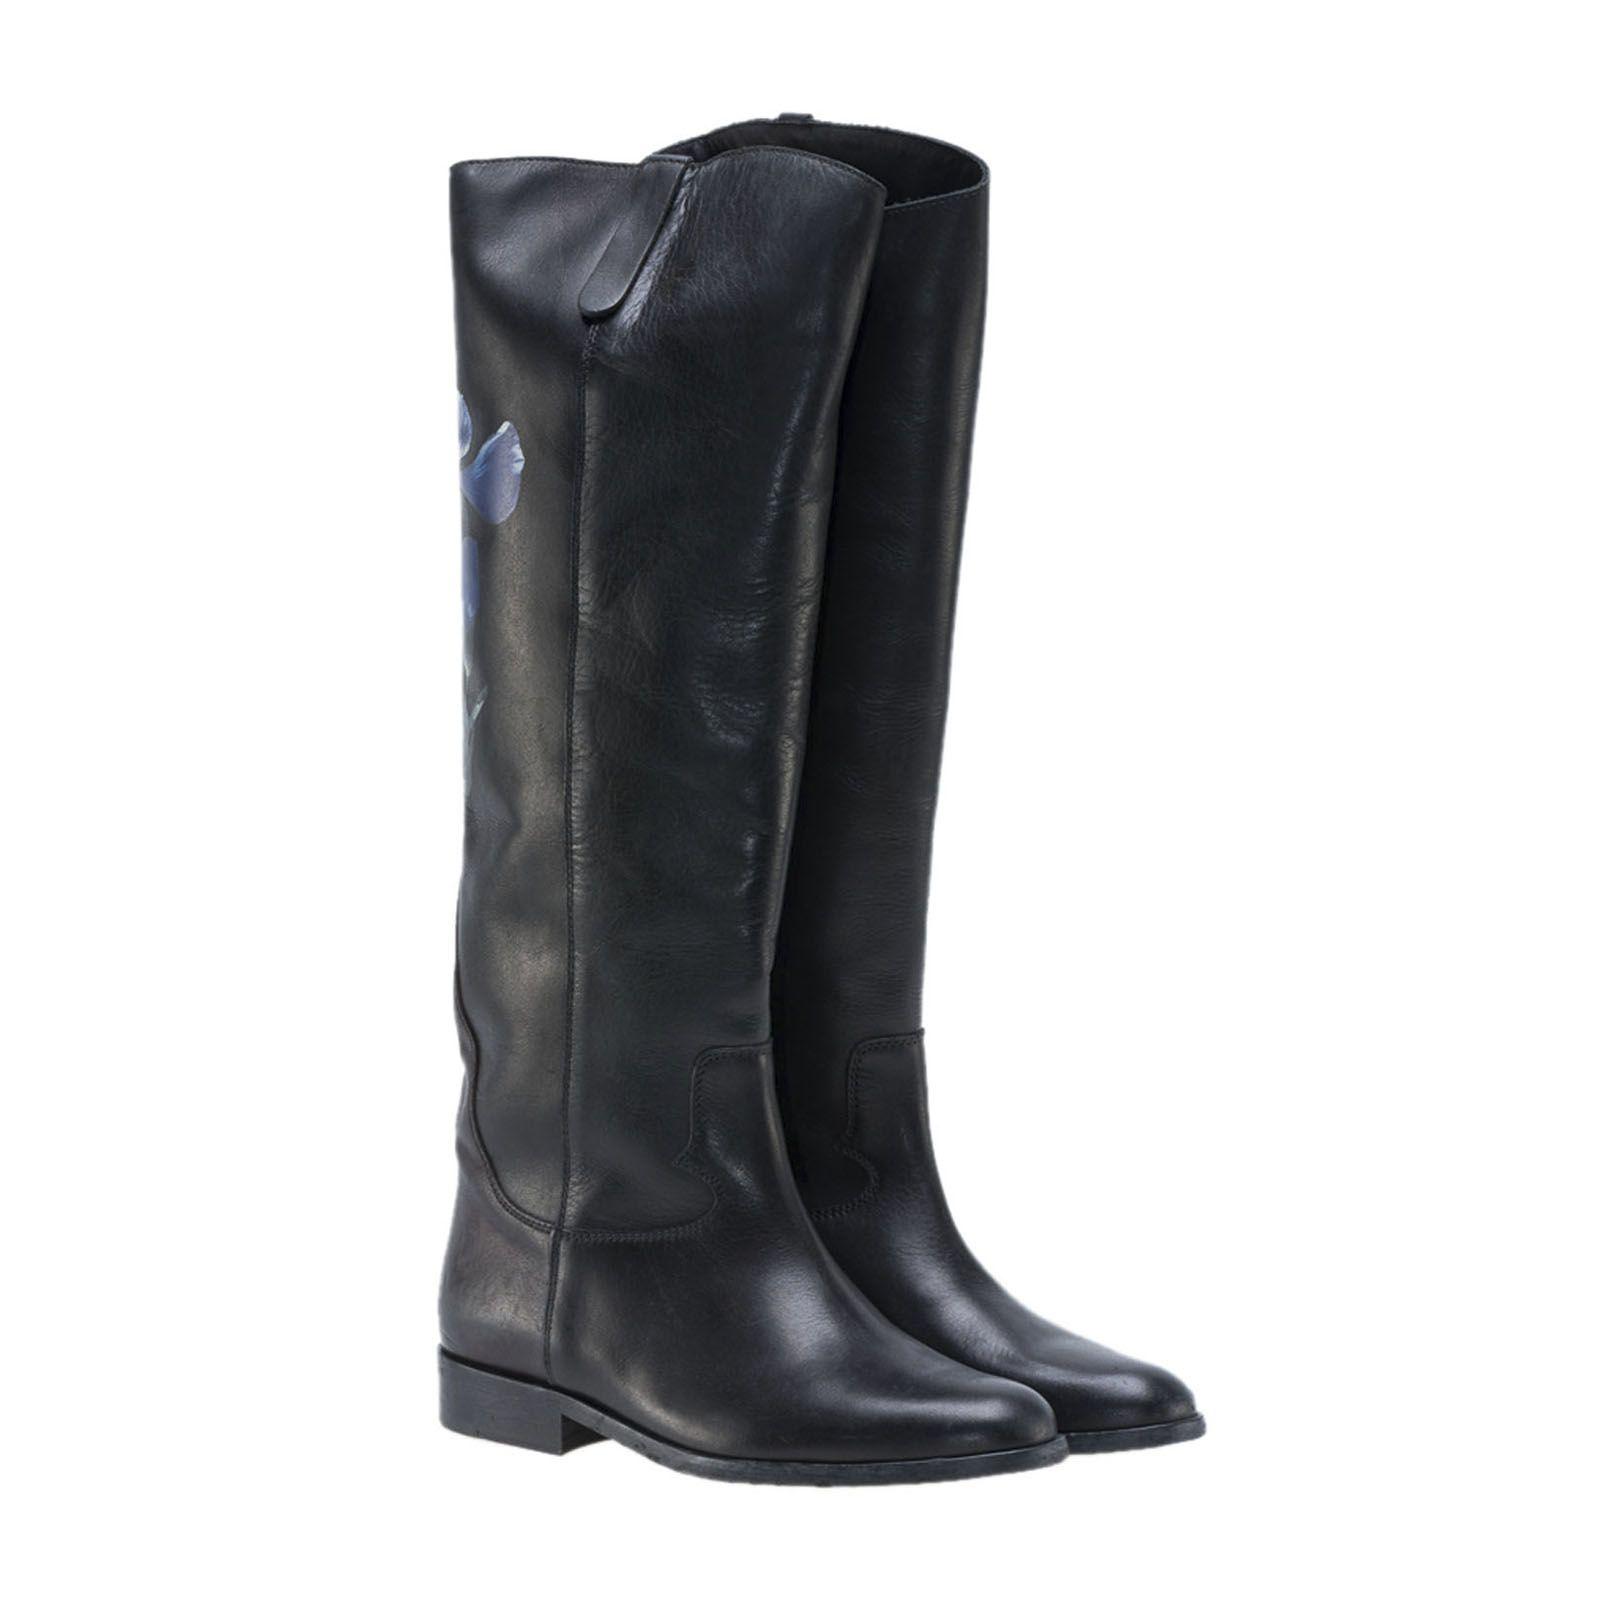 Golden Goose Deluxe Brand Hi Boots